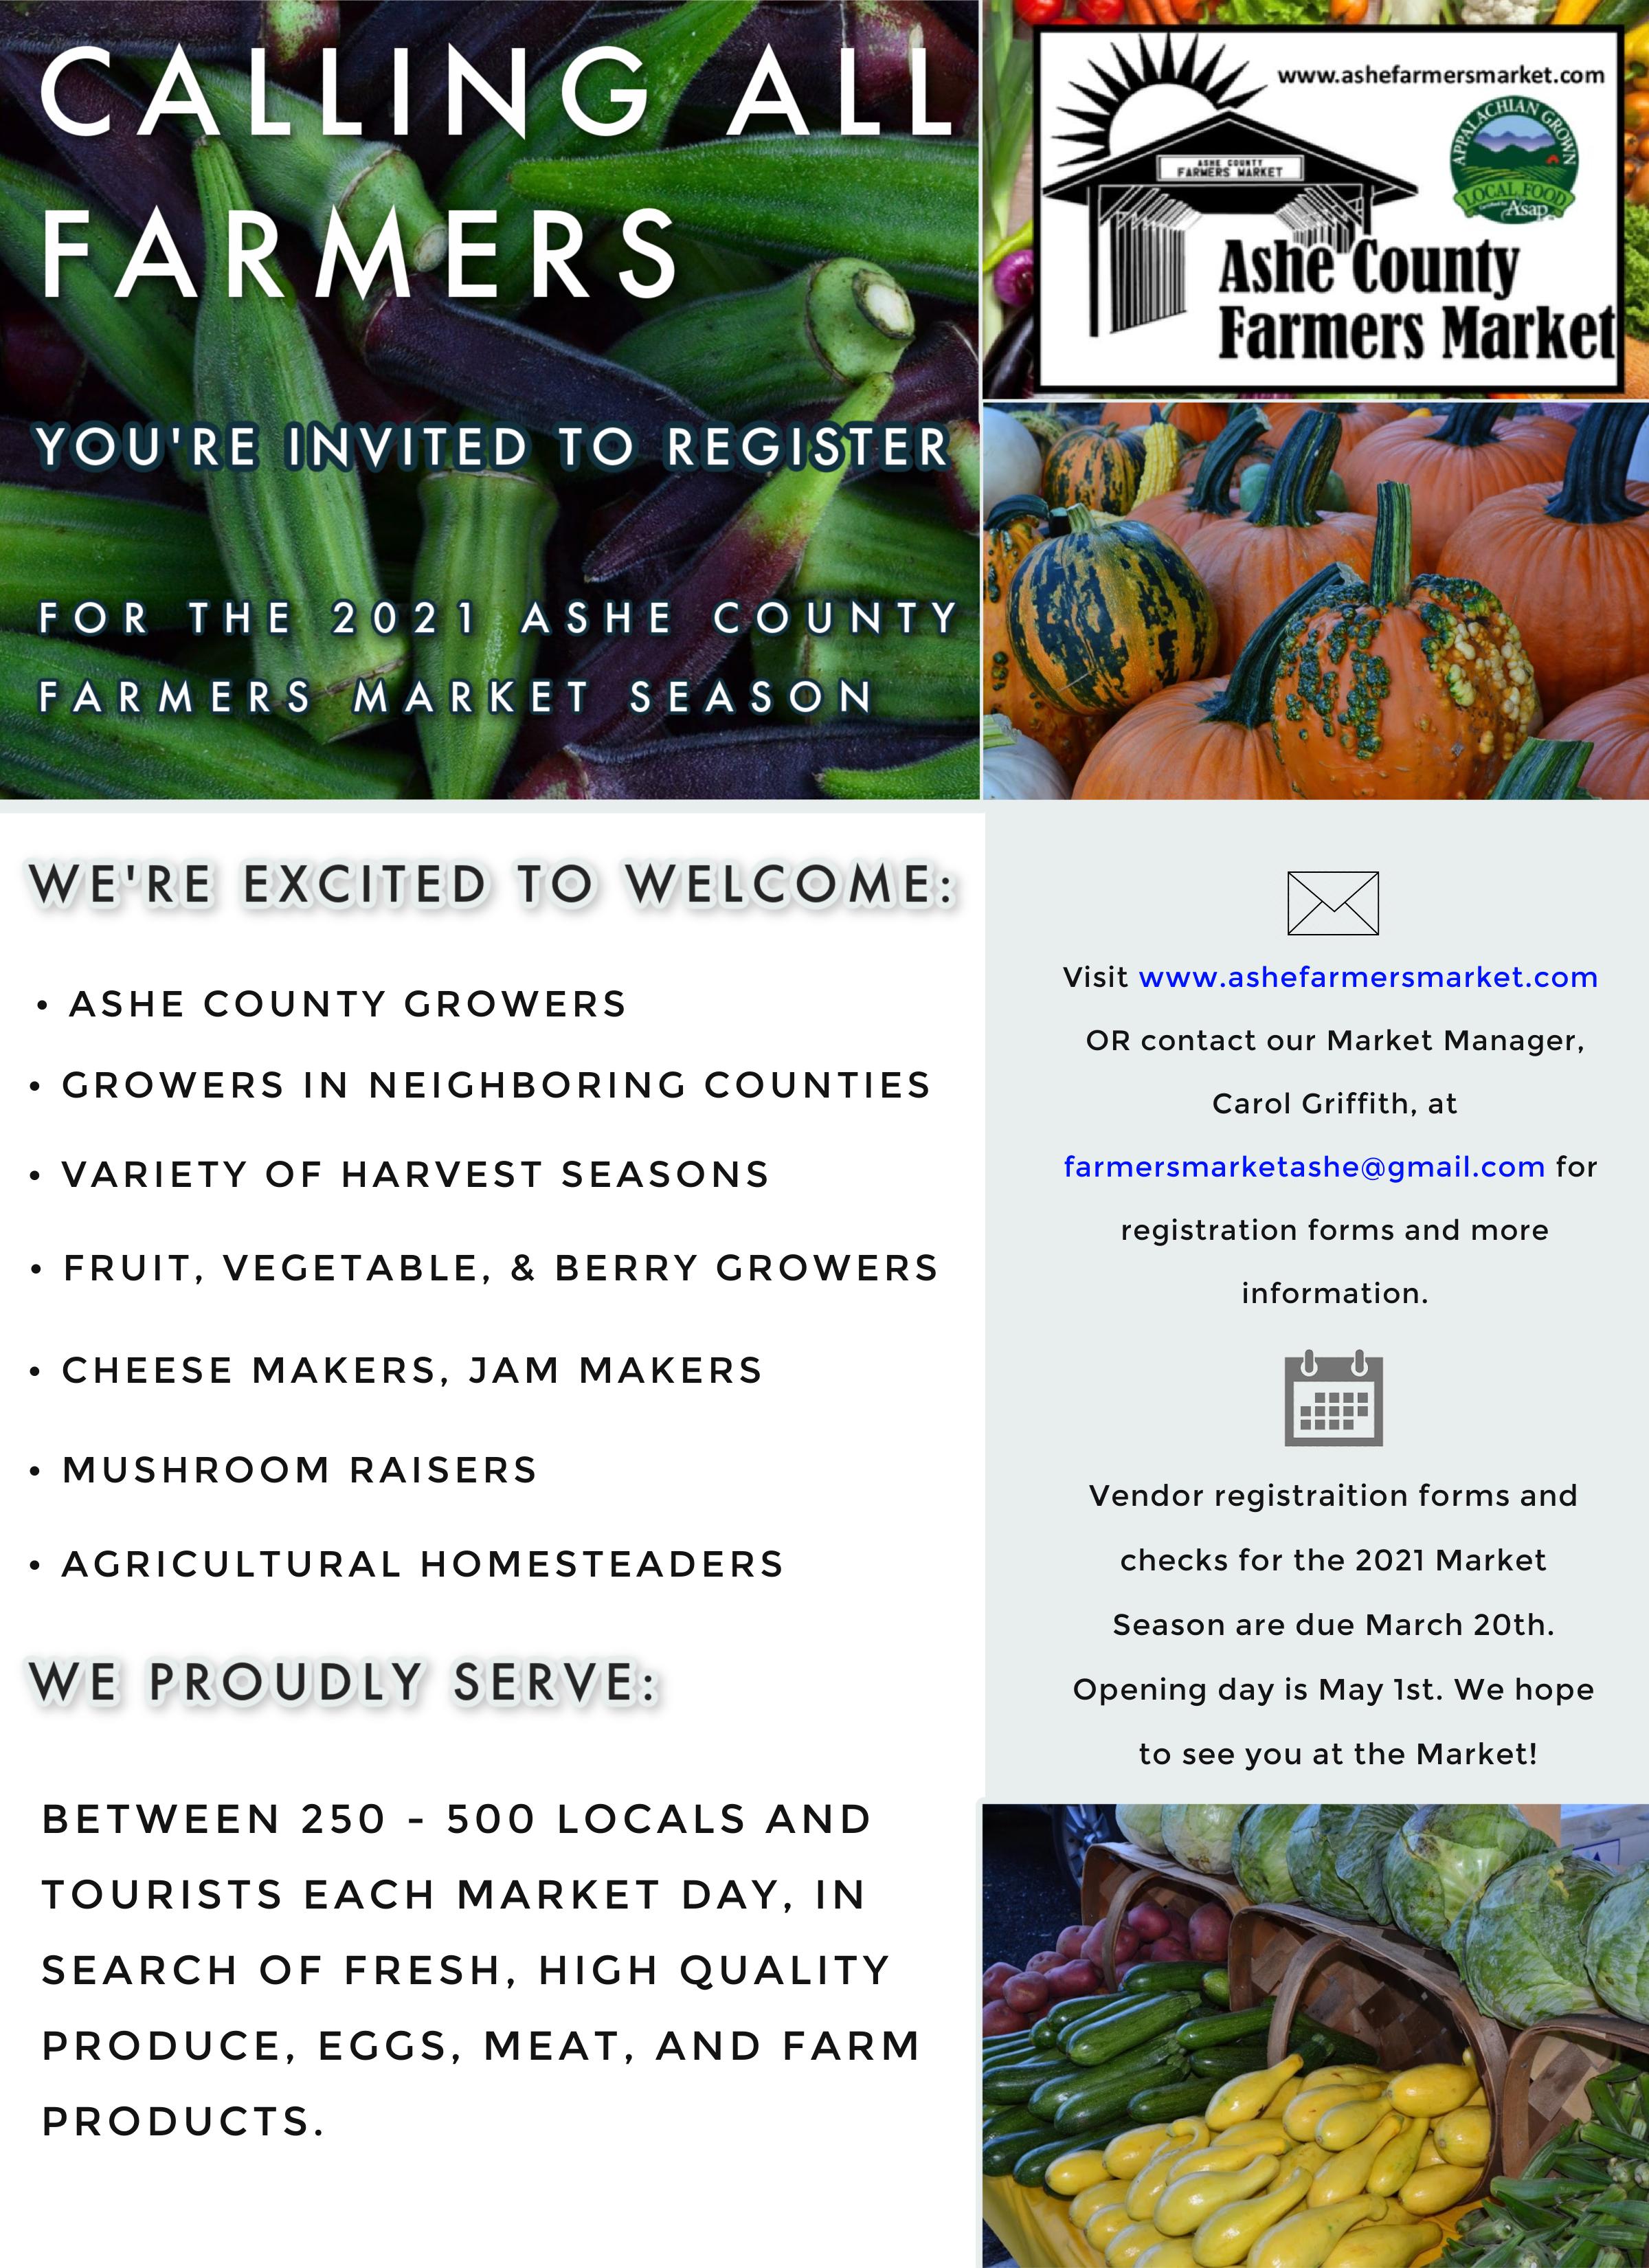 ACFM 2021 Vendor Registration